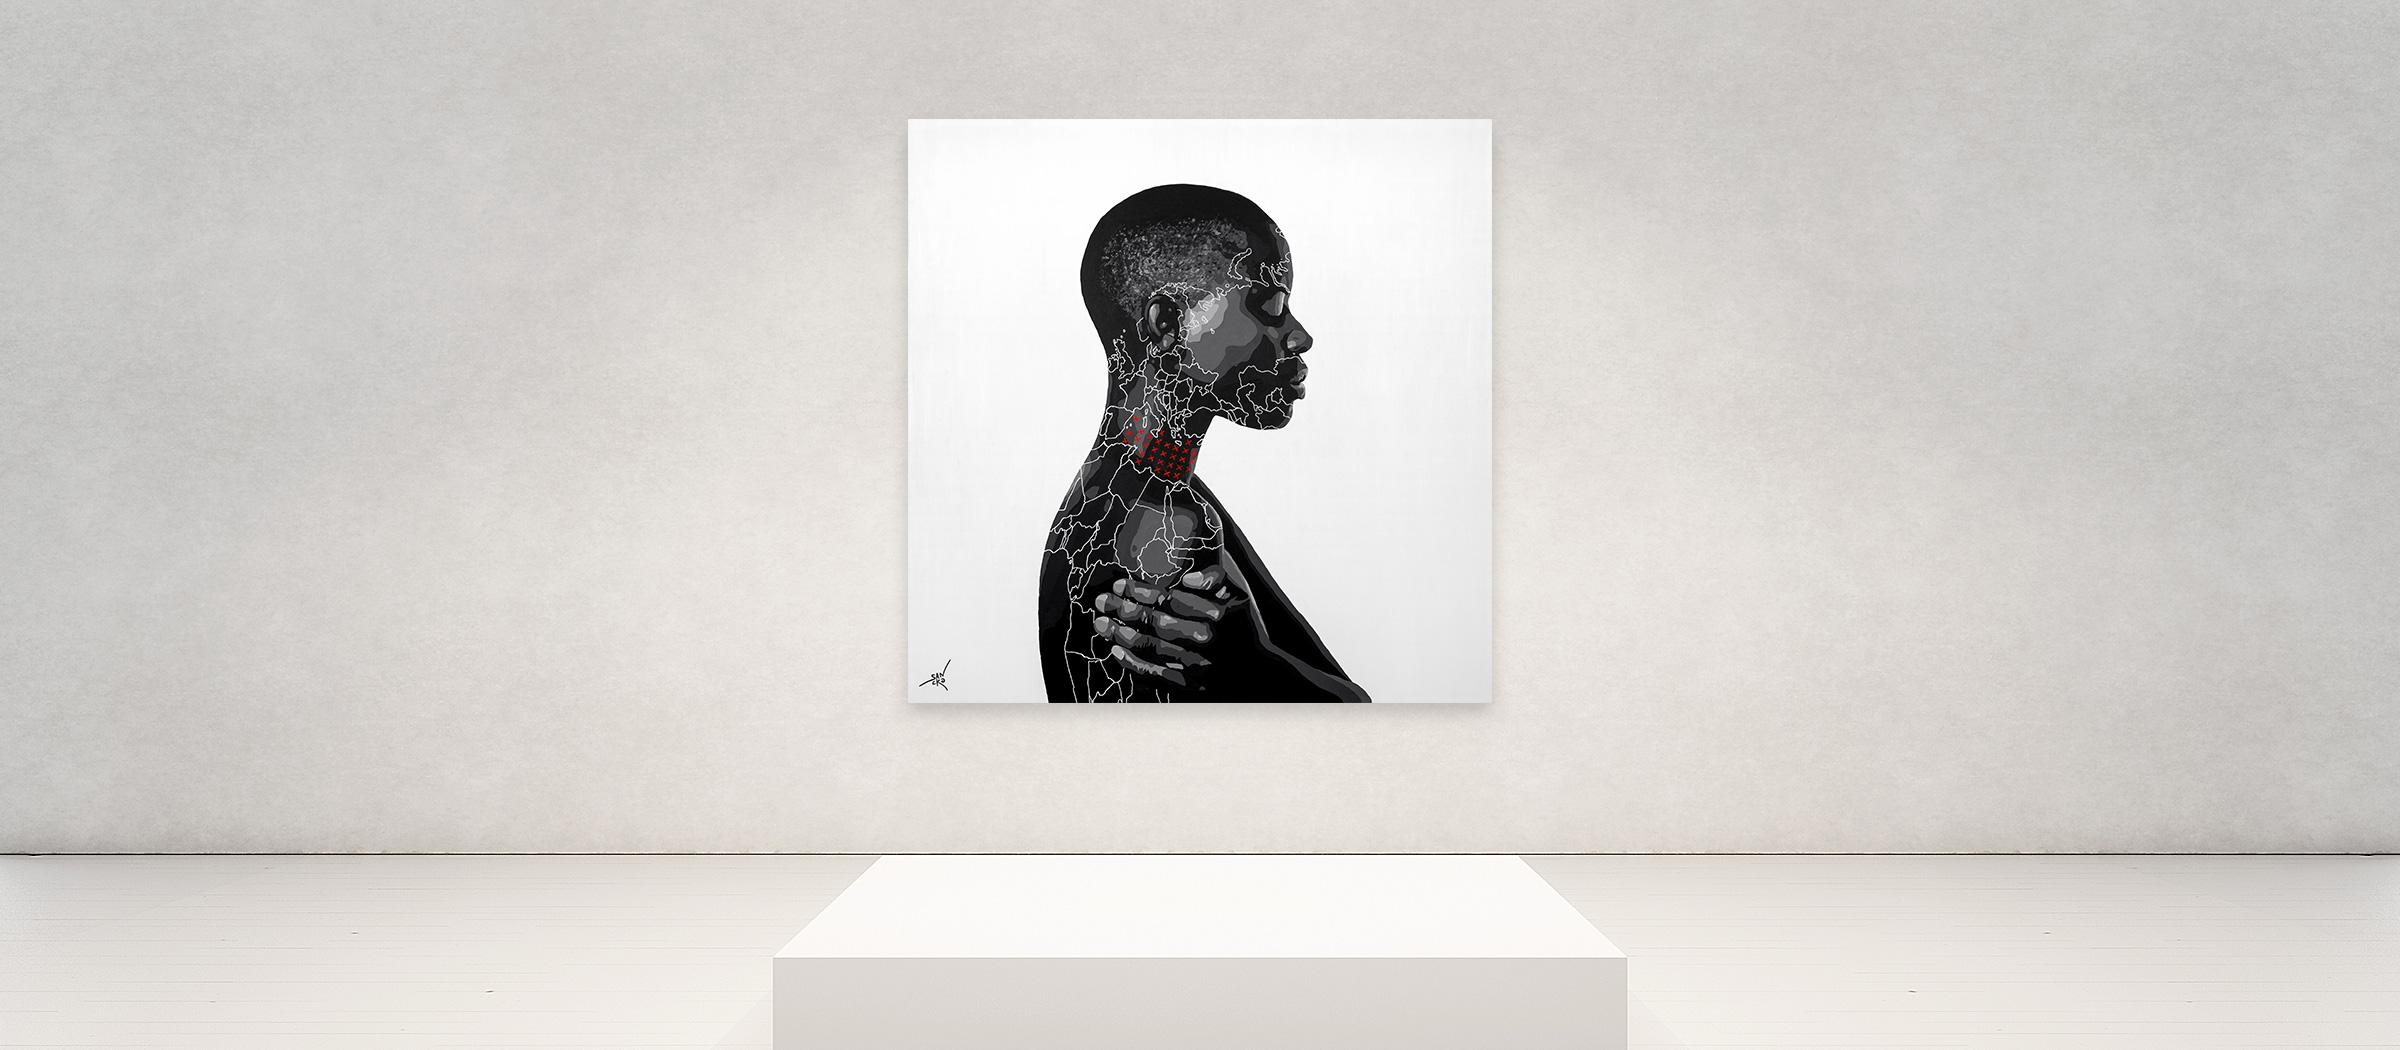 Galerie_02